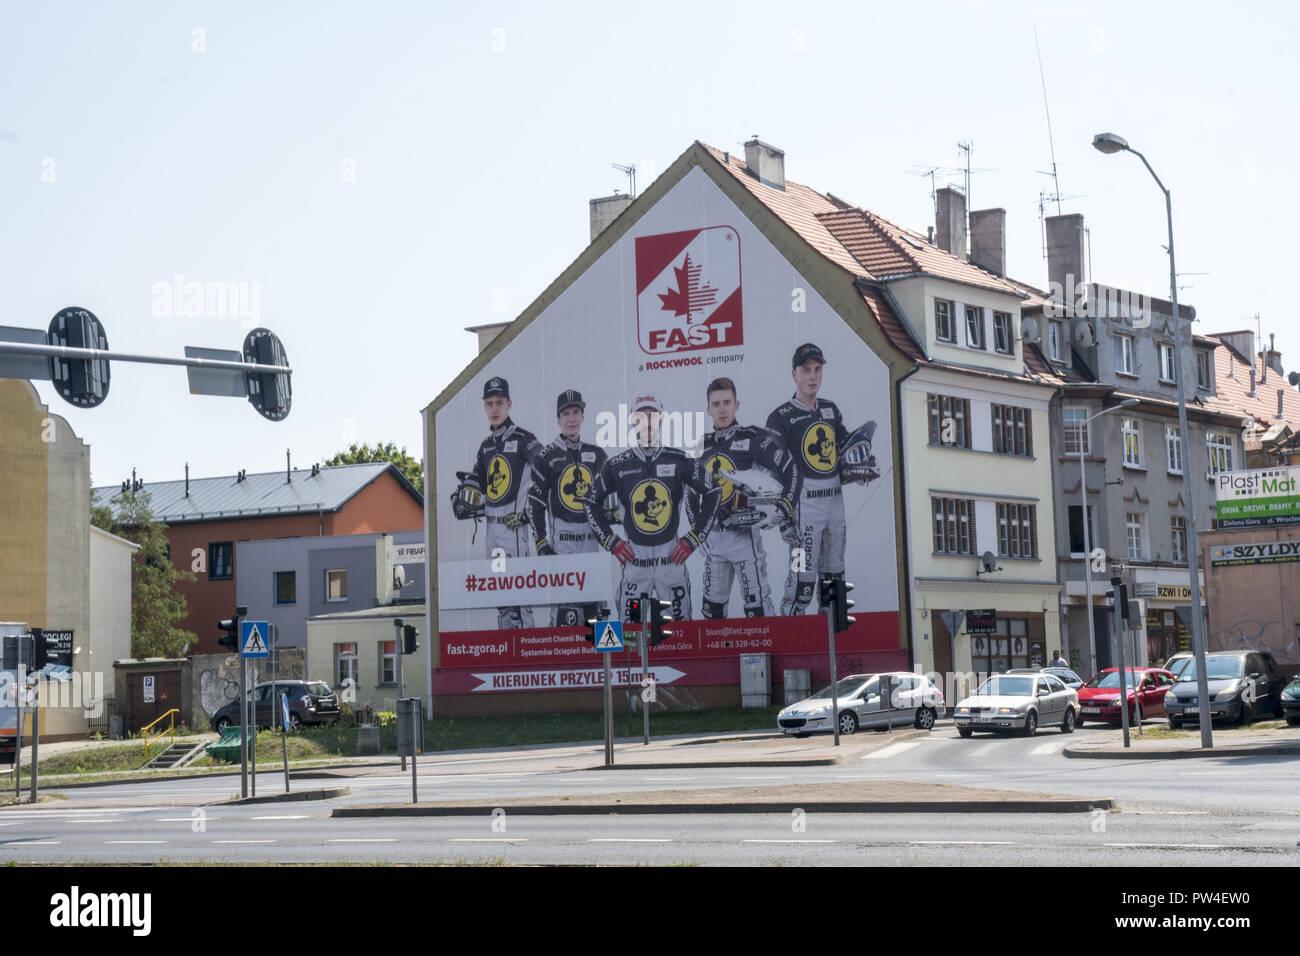 Famoso Speedway motoristas en una cartelera ad en un edificio en Zielona Gora, Polonia. Speedway racing es un deporte muy popular en Polonia. Imagen De Stock